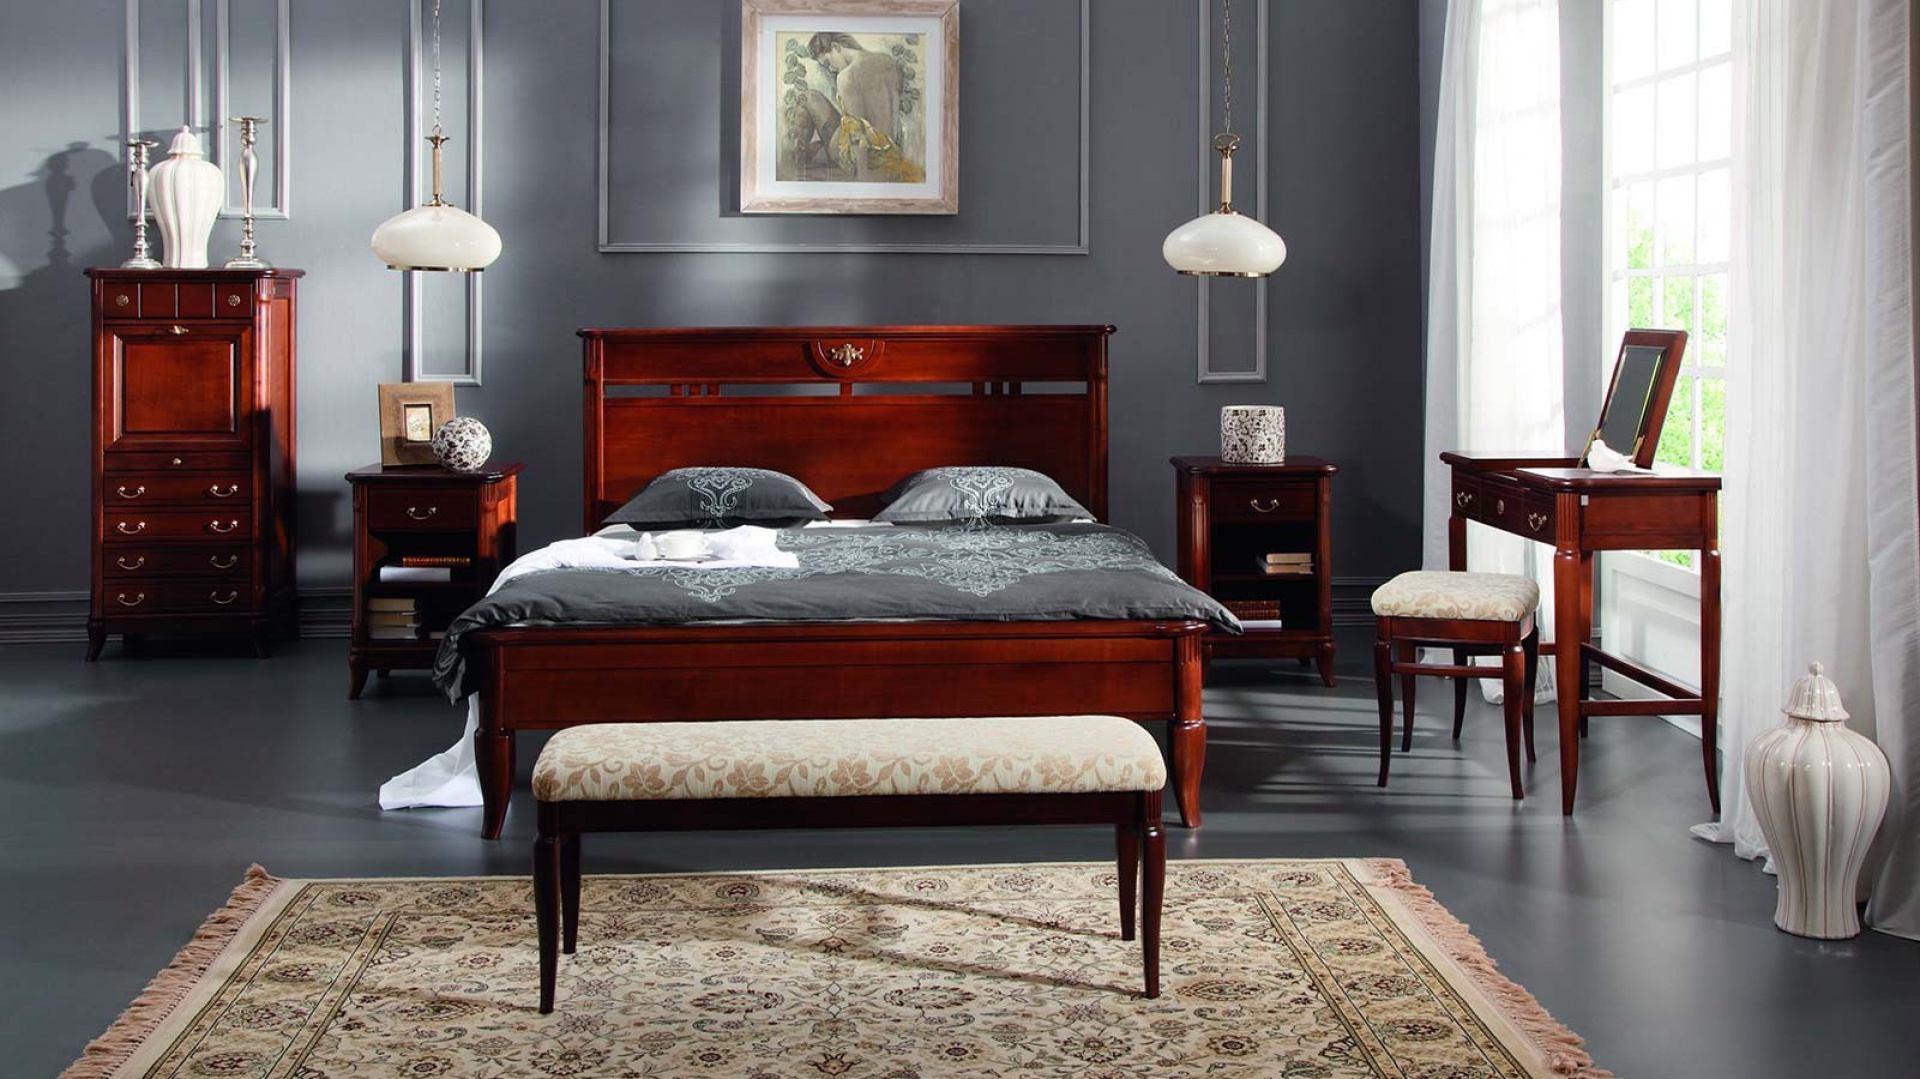 Sypialnia Rafael z bogato zdobionymi profilami oraz łagodnie zaokrąglonych kształtach to klasyczna propozycja  marki Klose. Meble wykonane z drewna olchowego w naturalnych okleinach czereśniowych. Fot. Klose.